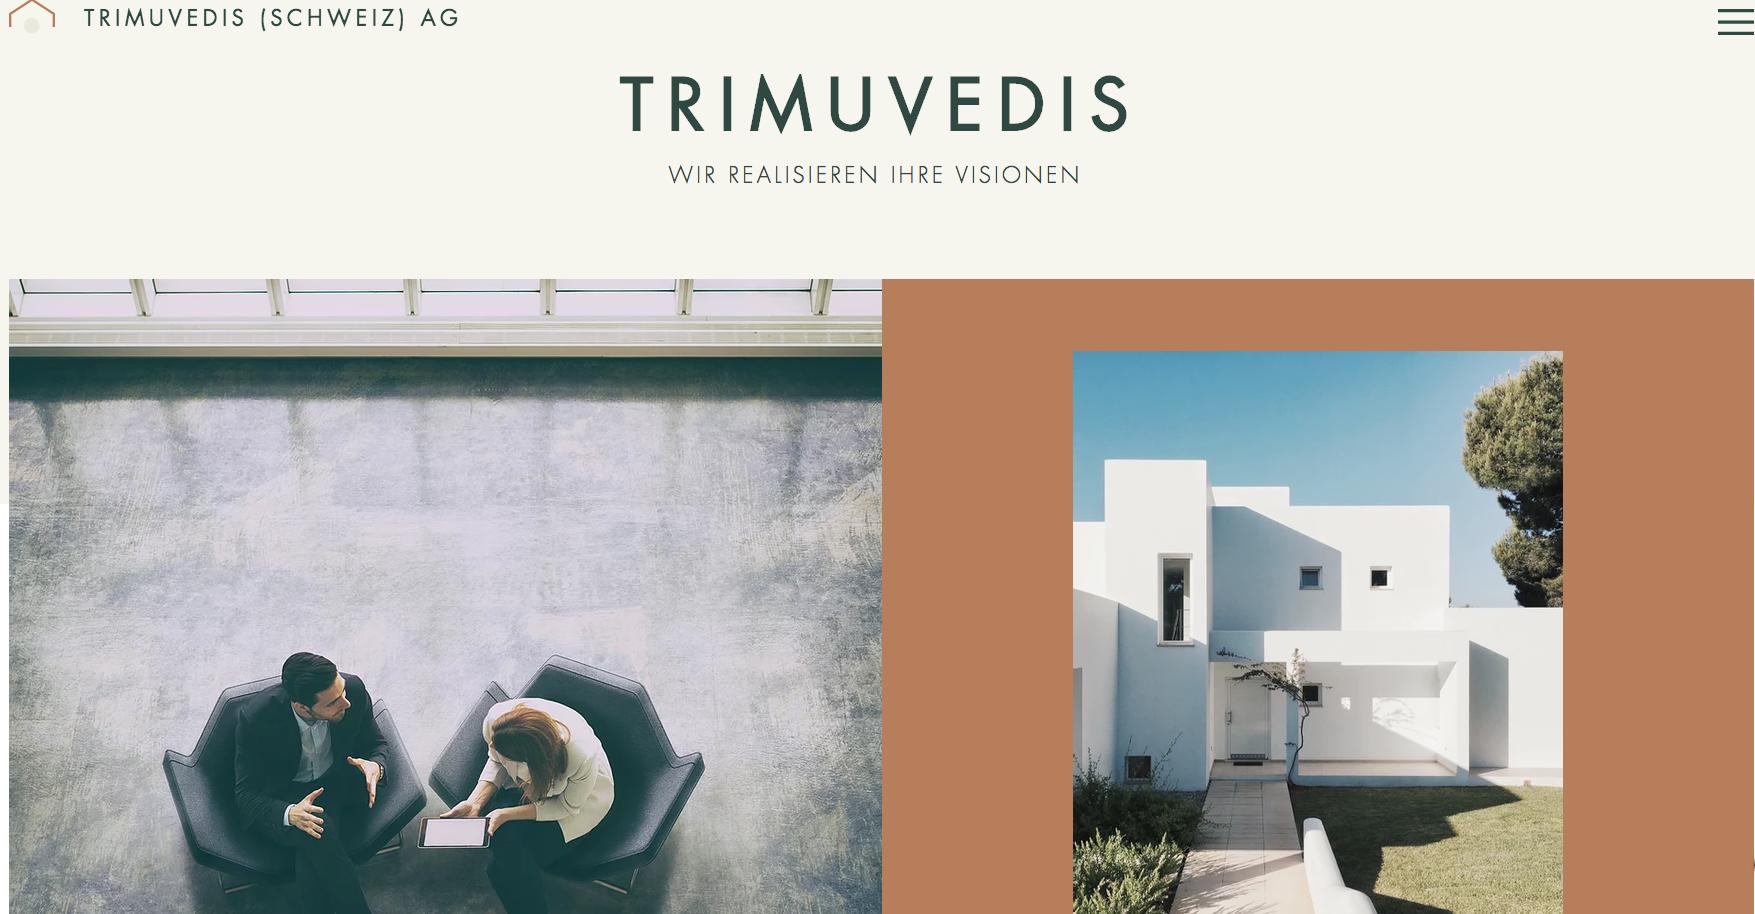 Trimuvedis.ch